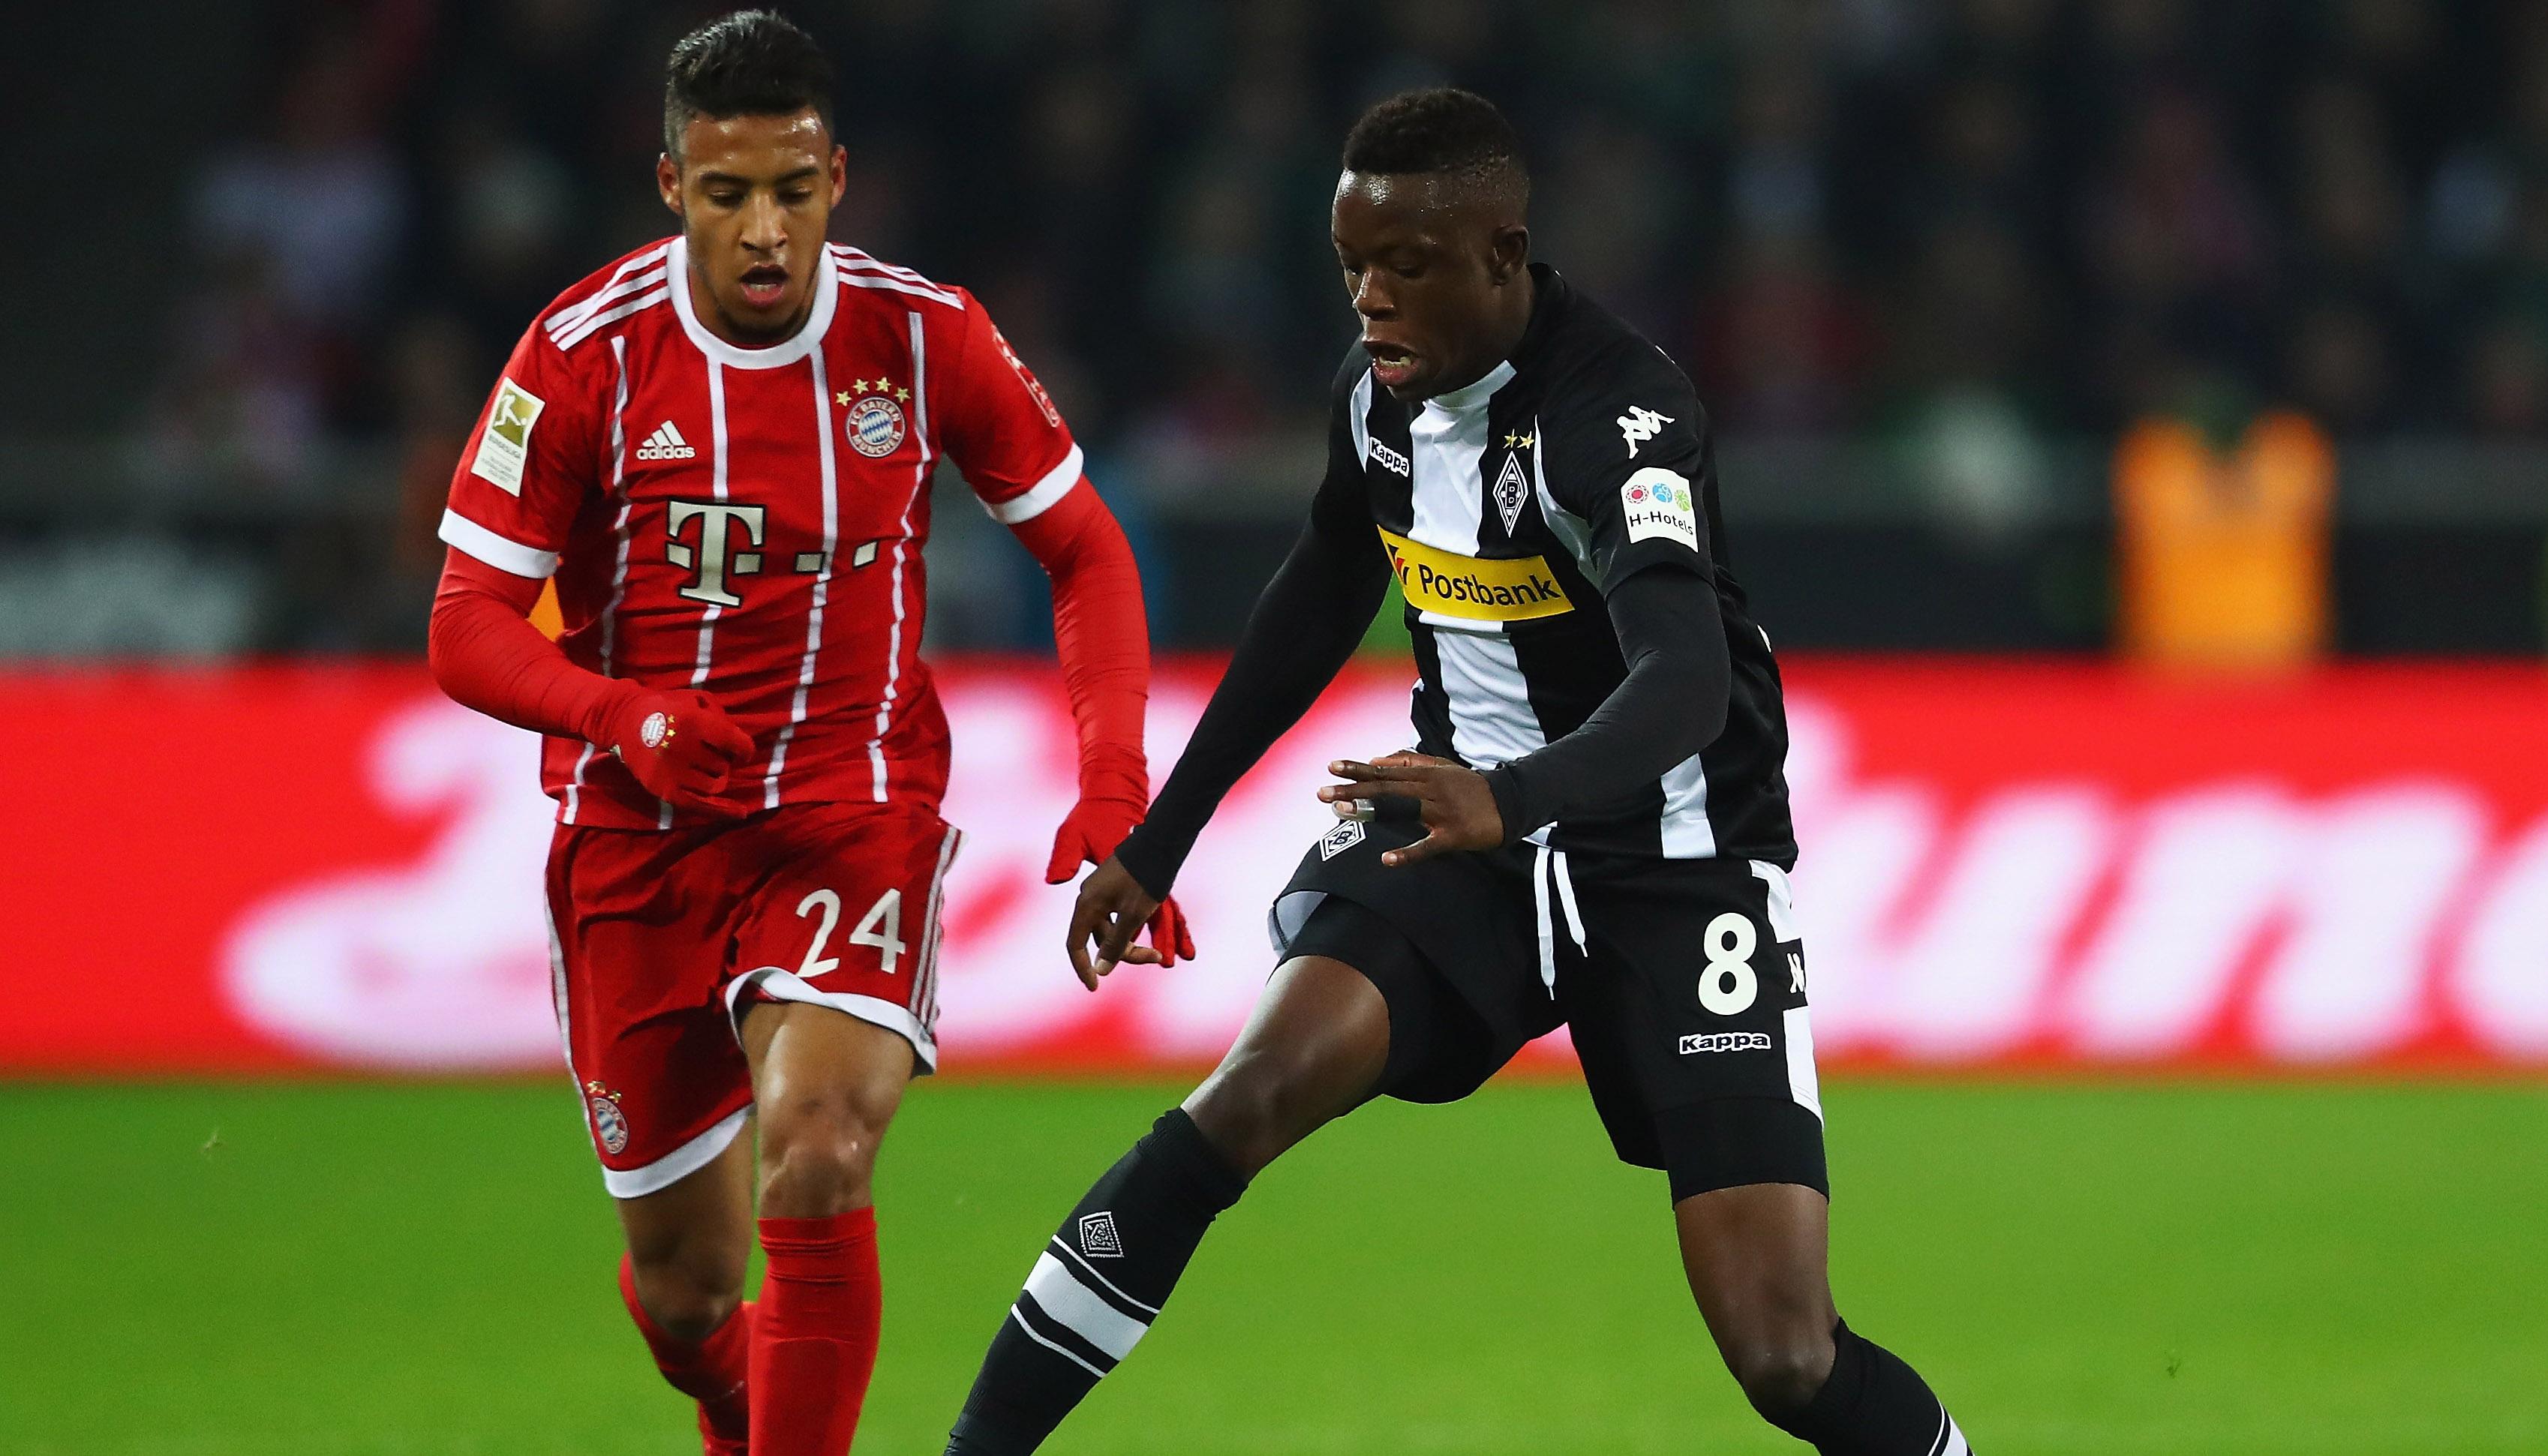 FC Bayern – Mönchengladbach: Fohlen wollen nicht nur gratulieren